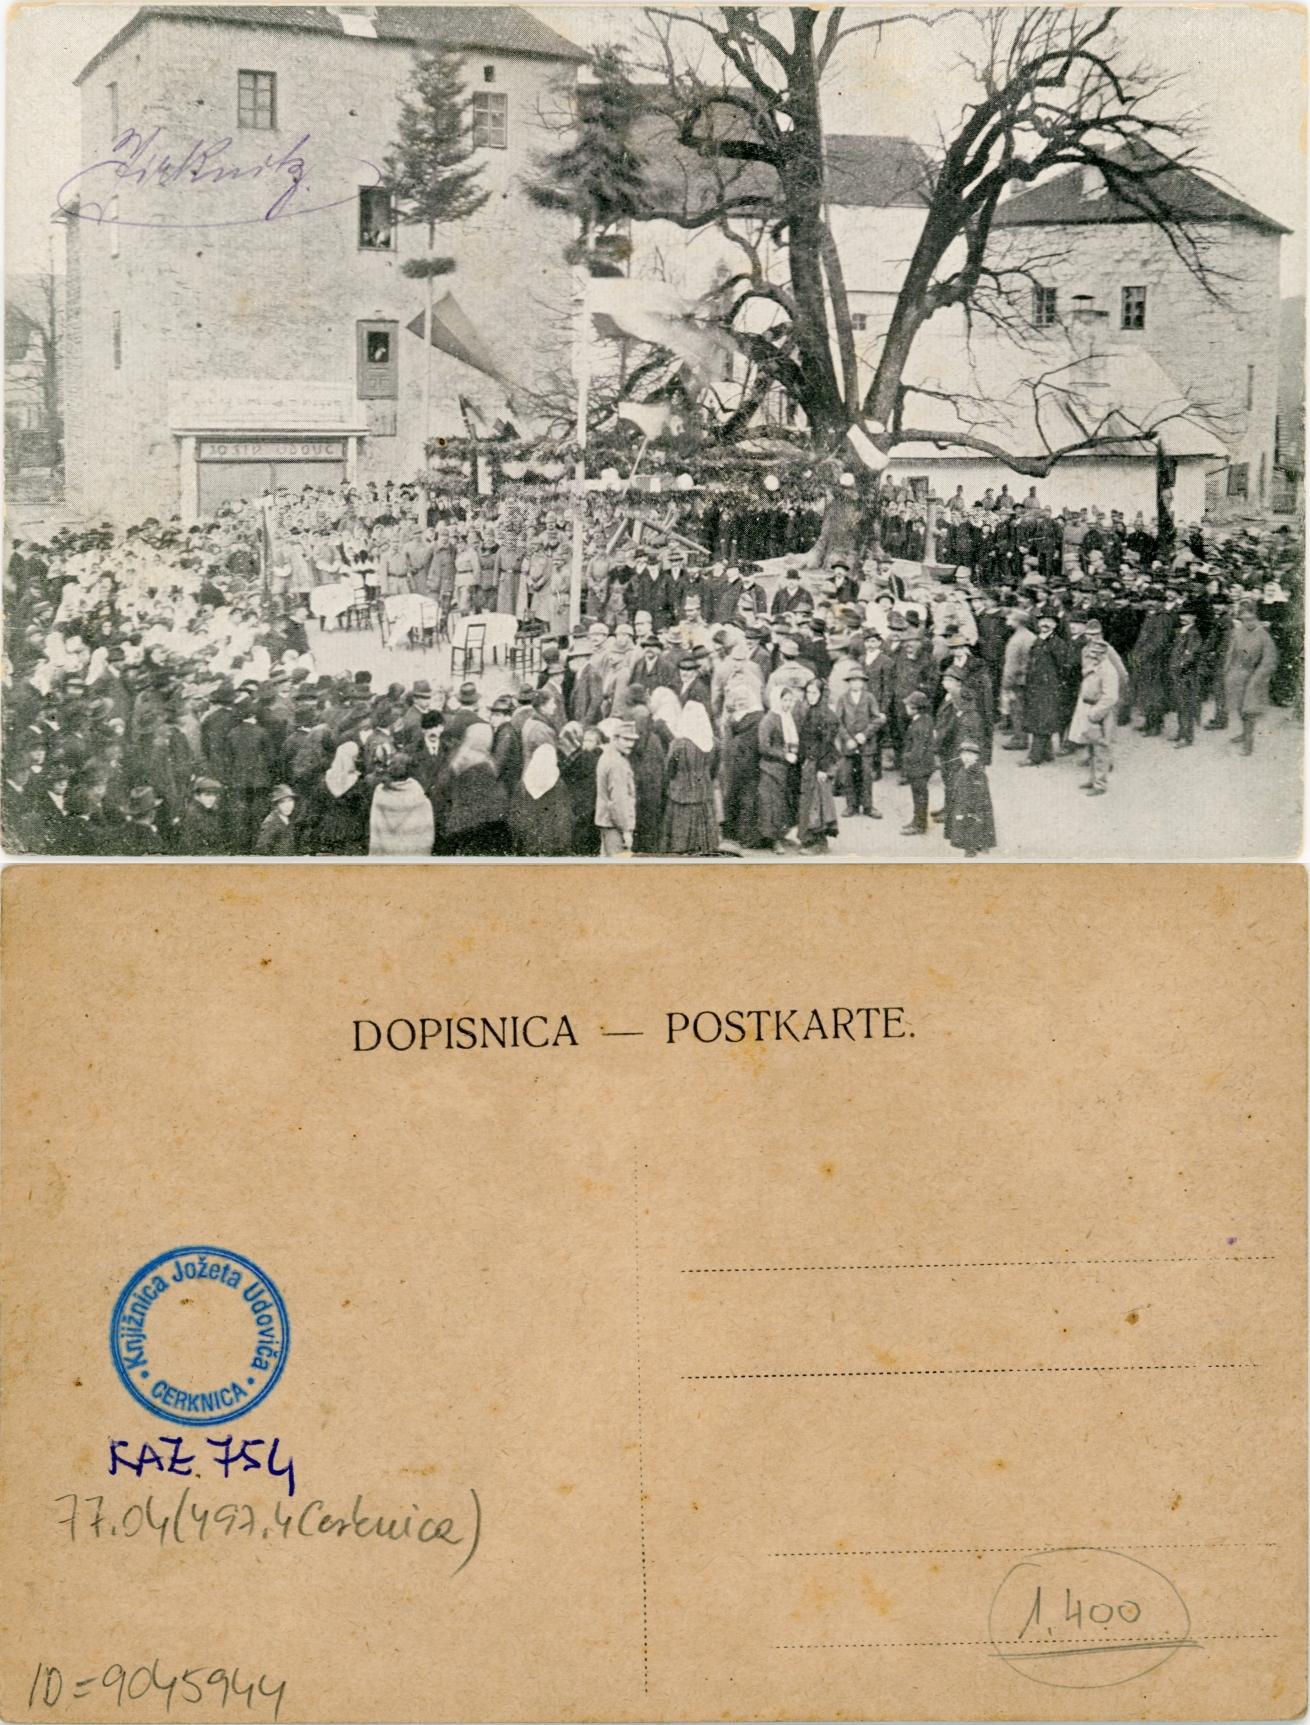 zlimano - Cerknica